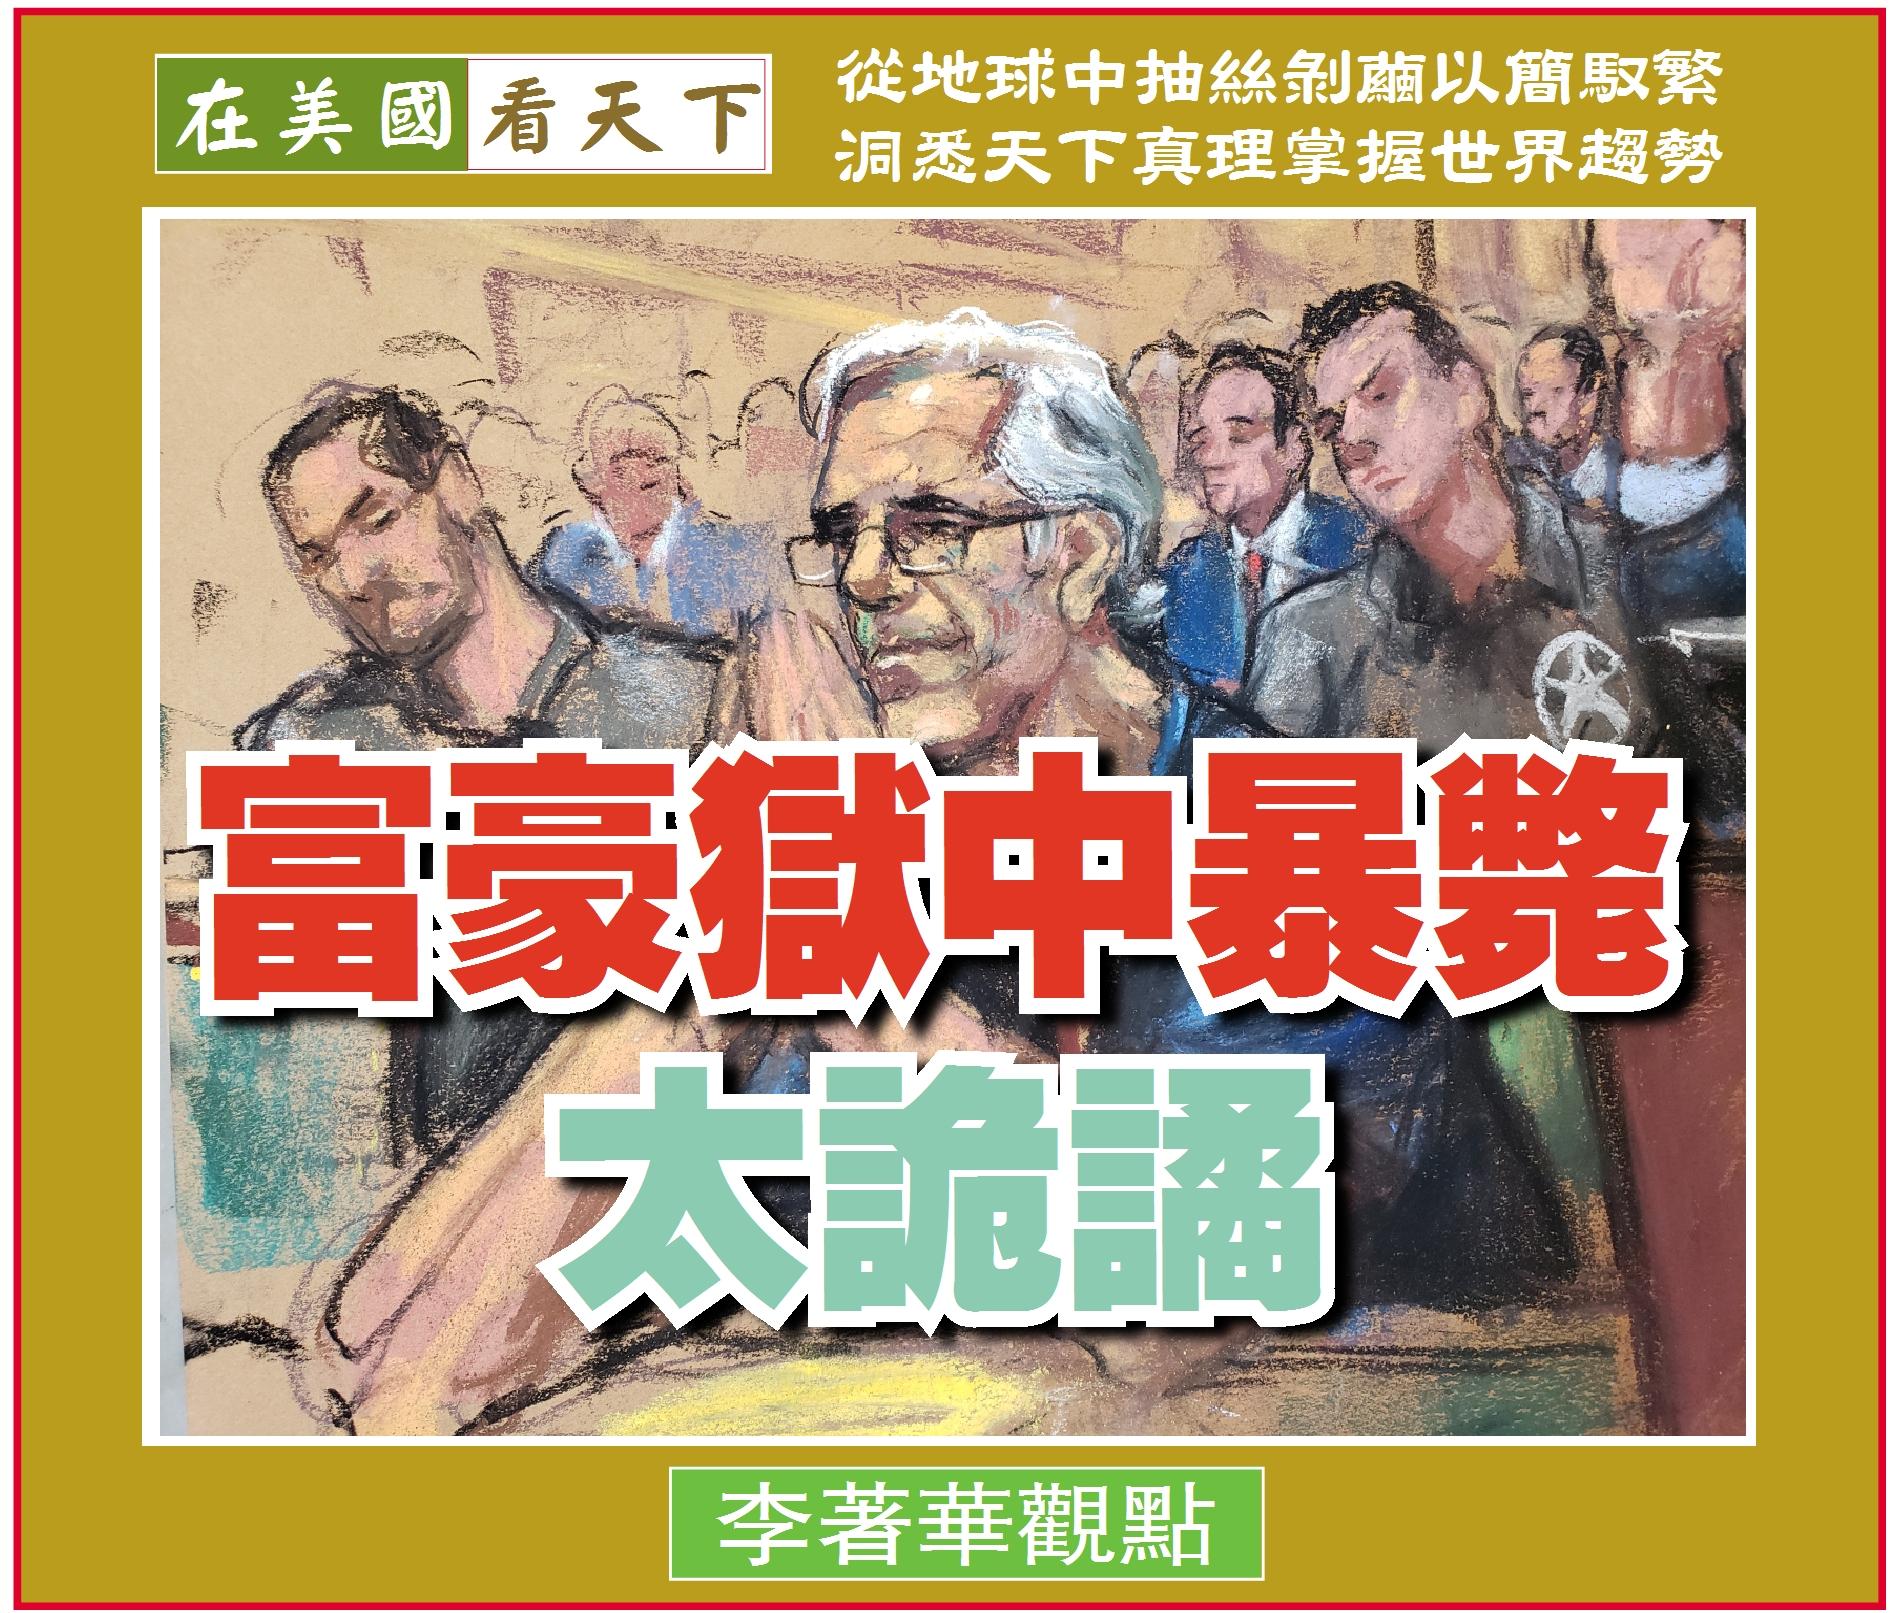 081219-富豪獄中暴斃太詭譎-1 (1)